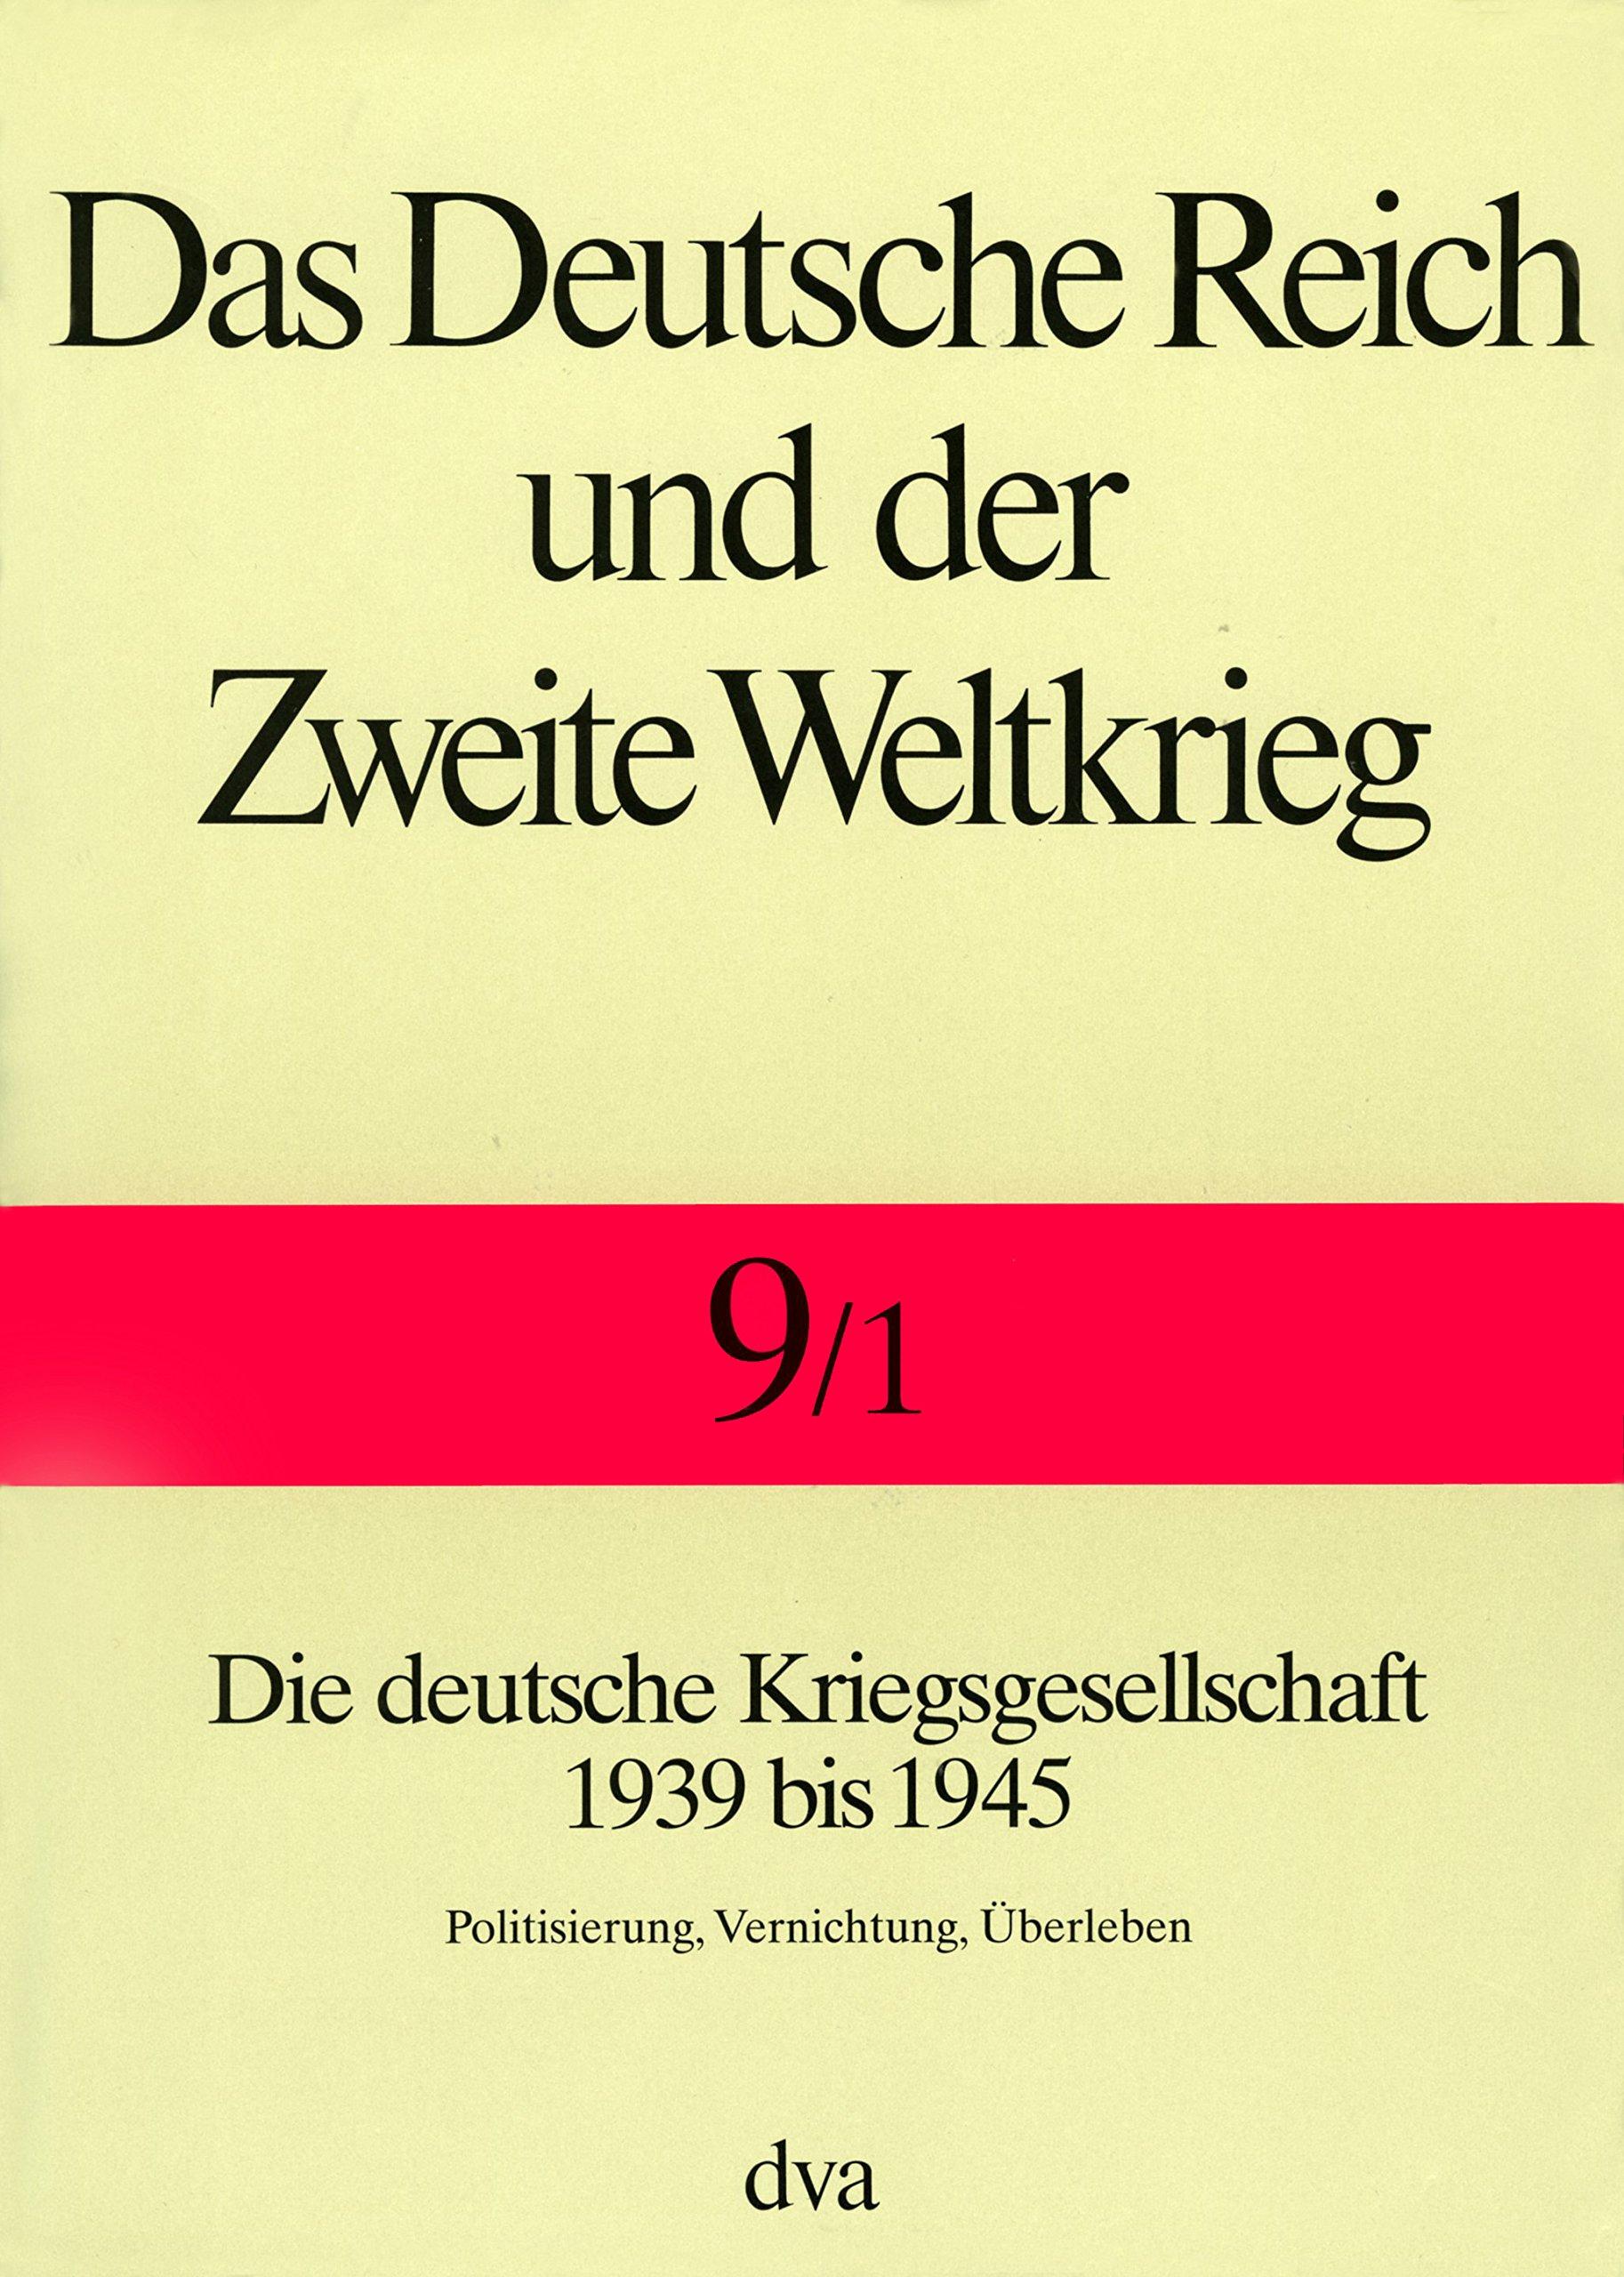 Das Deutsche Reich und der Zweite Weltkrieg, 10 Bde., Bd.9/1, Staat und Gesellschaft im Kriege Gebundenes Buch – 28. Oktober 2004 Jörg Echternkamp Deutsche Verlags-Anstalt DVA 3421062366 Geschichte / 20. Jahrhundert